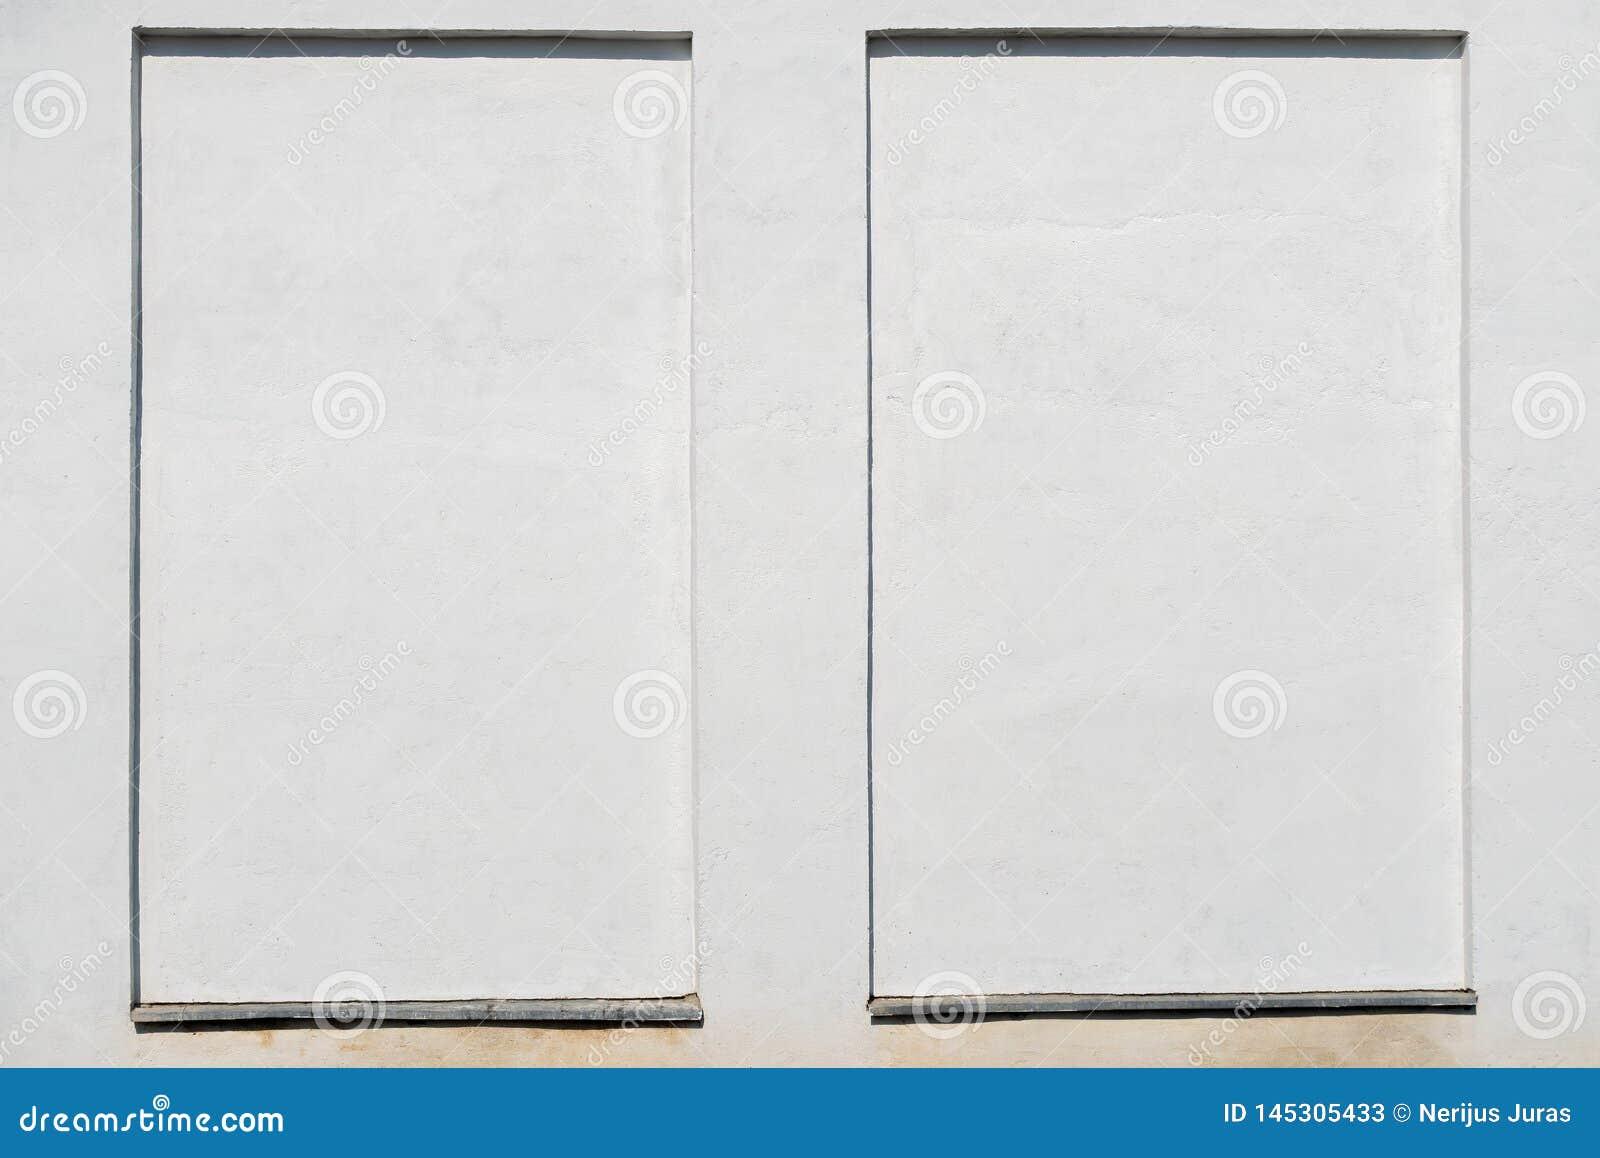 Weathered white stucco wall with a stucco frame